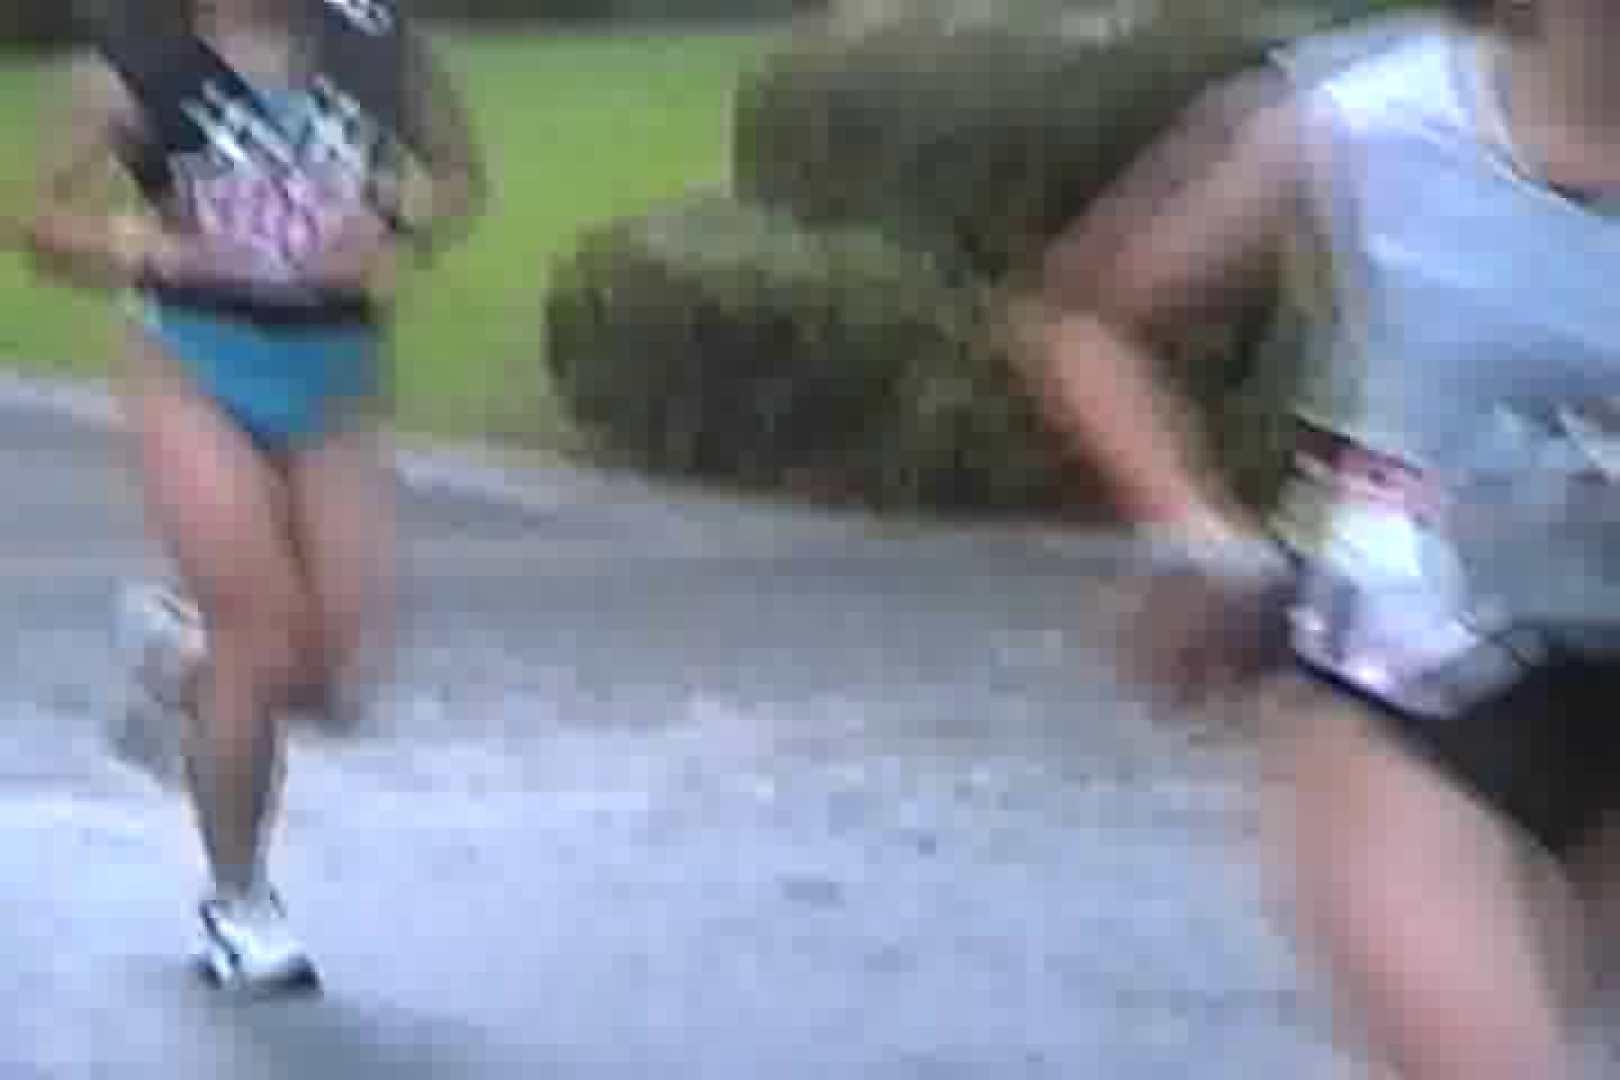 鉄人レース!!トライアスロンに挑む女性達!!Vol.4 OLエロ画像 覗きワレメ動画紹介 46PICs 41